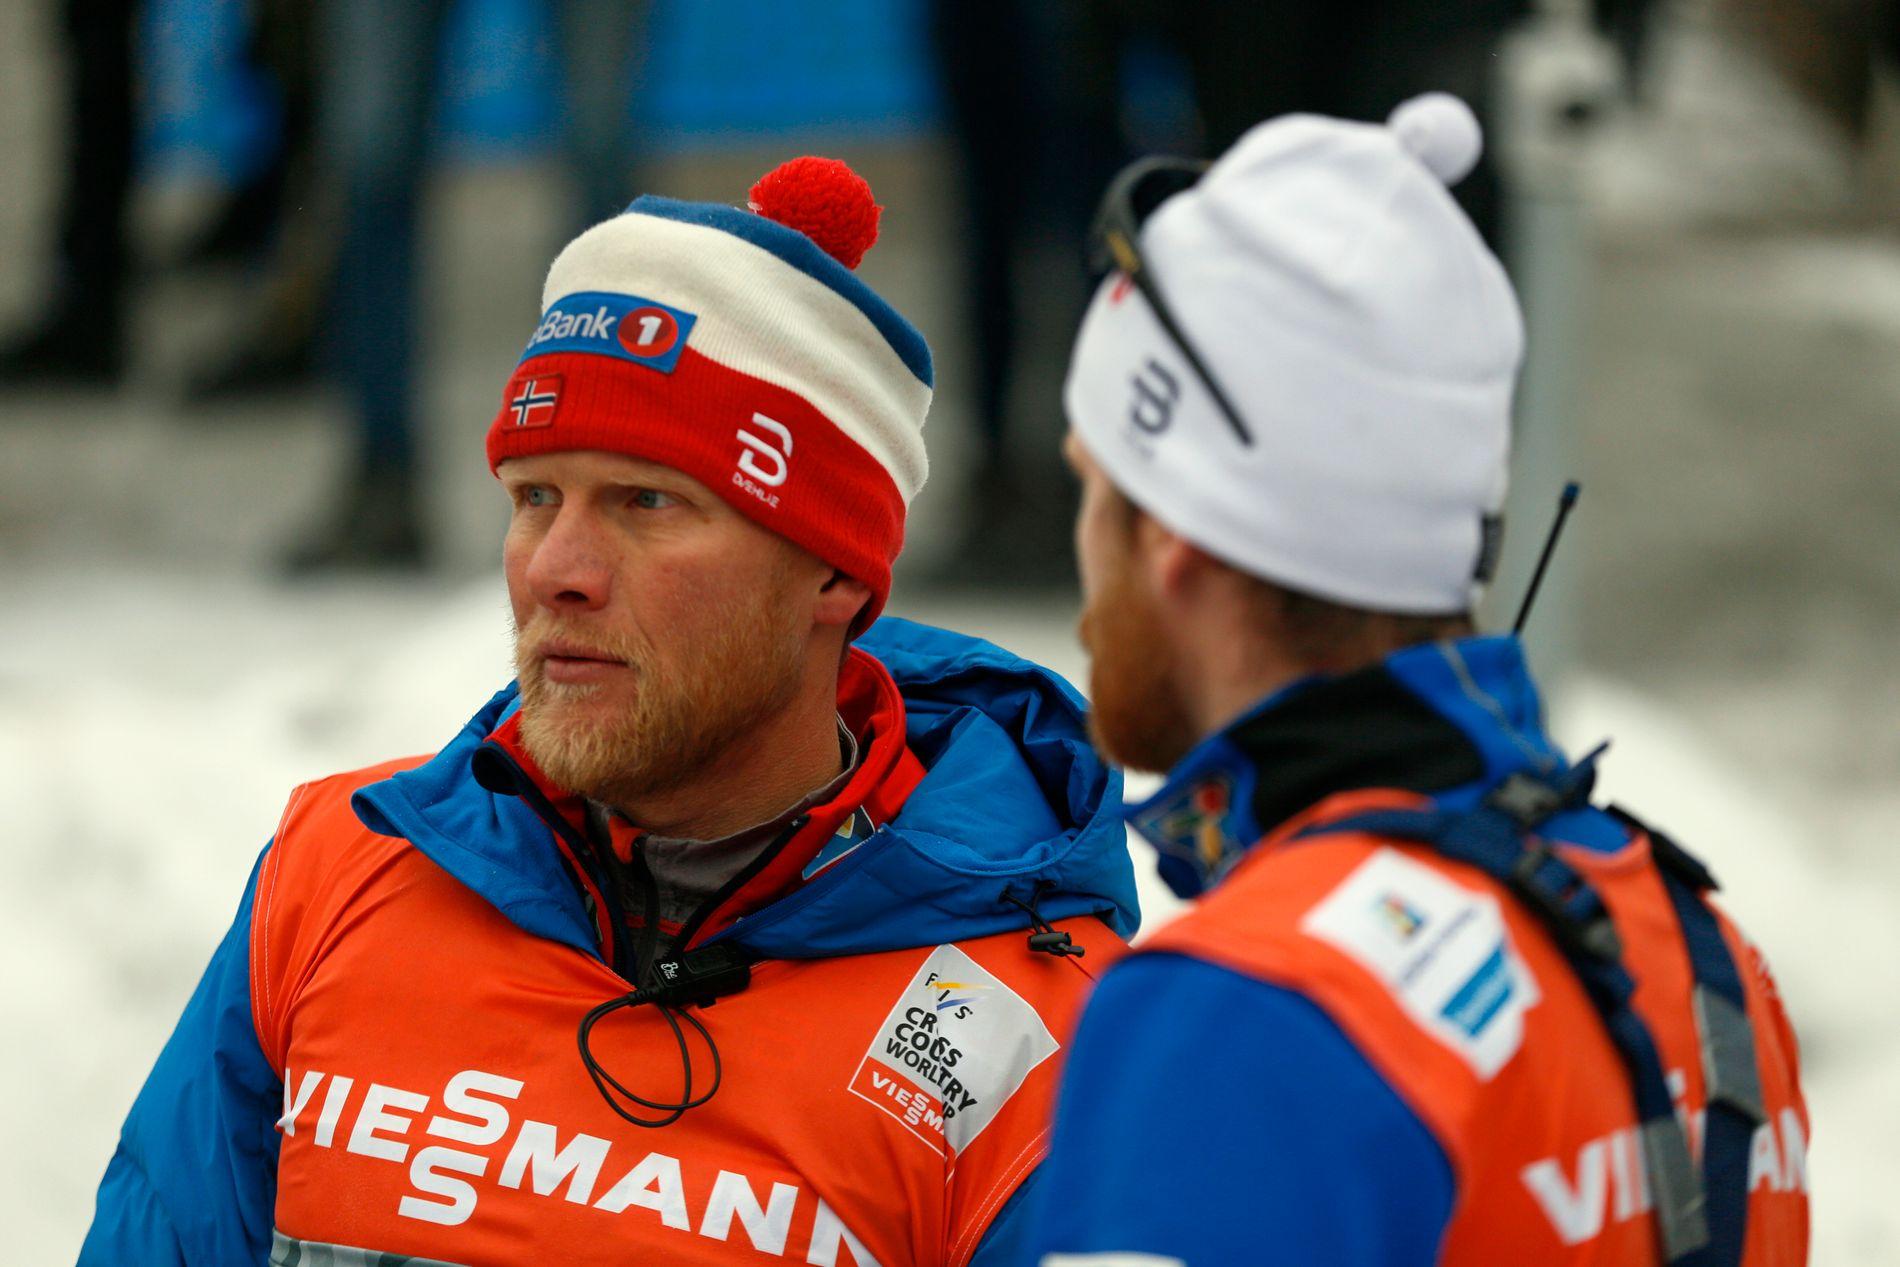 LANDSLAGSTRENER: Tor Arne Hetland får en utfordrende oppgave når han skal ta ut den norske troppen til VM. Per i dag er det høyst usikkert om Petter Northug blir en del av det norske laget.